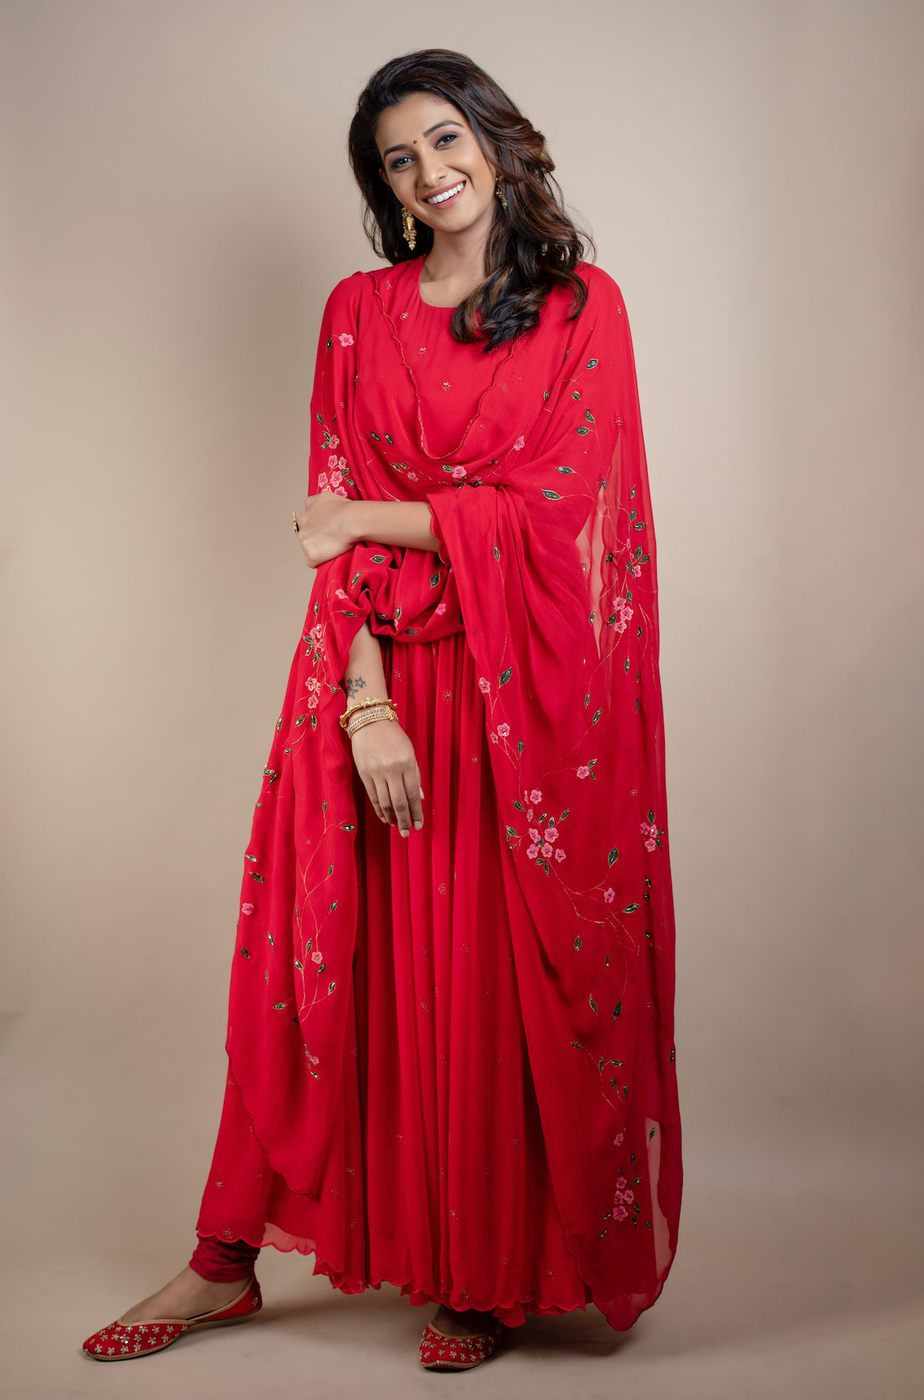 Priya Bhavani Shankar in a red shilpasutra anarkali